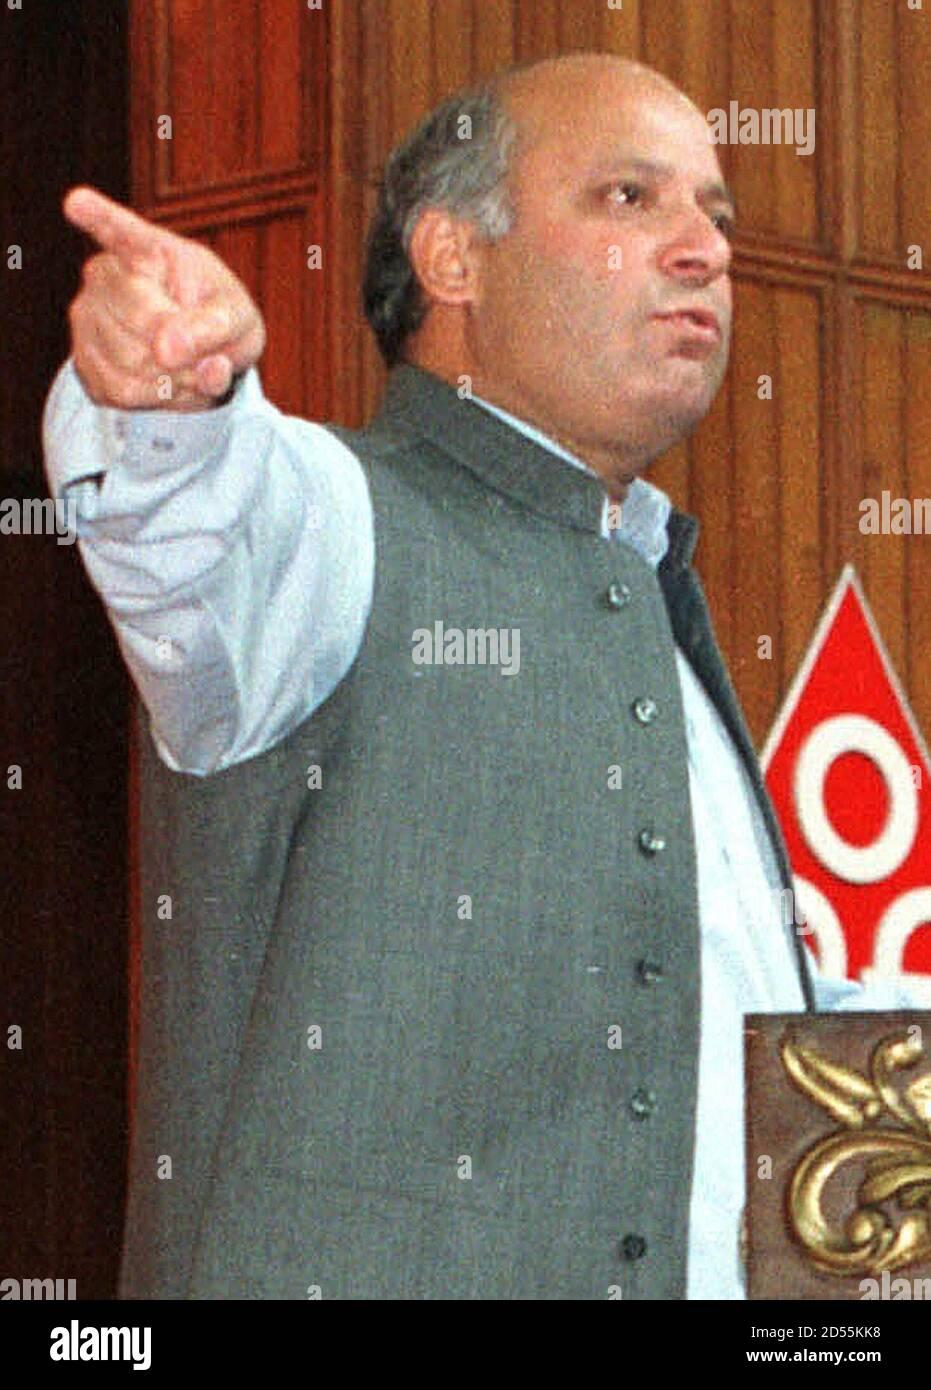 Premierminister Nawaz Sharif spricht zur Eröffnungssitzung des Zweiten Überseeischen Pakistanis-Übereinkommens in Islamabad im August 25. Sharif sagte am Mittwoch, dass er bereit sei, einen Vorschlag zu genehmigen, um im Ausland lebenden Pakistanern zu erlauben, ihre Ressourcen zu bündeln und eine Fluggesellschaft und eine Bank zu starten, vorausgesetzt, die Idee sei machbar. MP/DL/KM Stockfoto